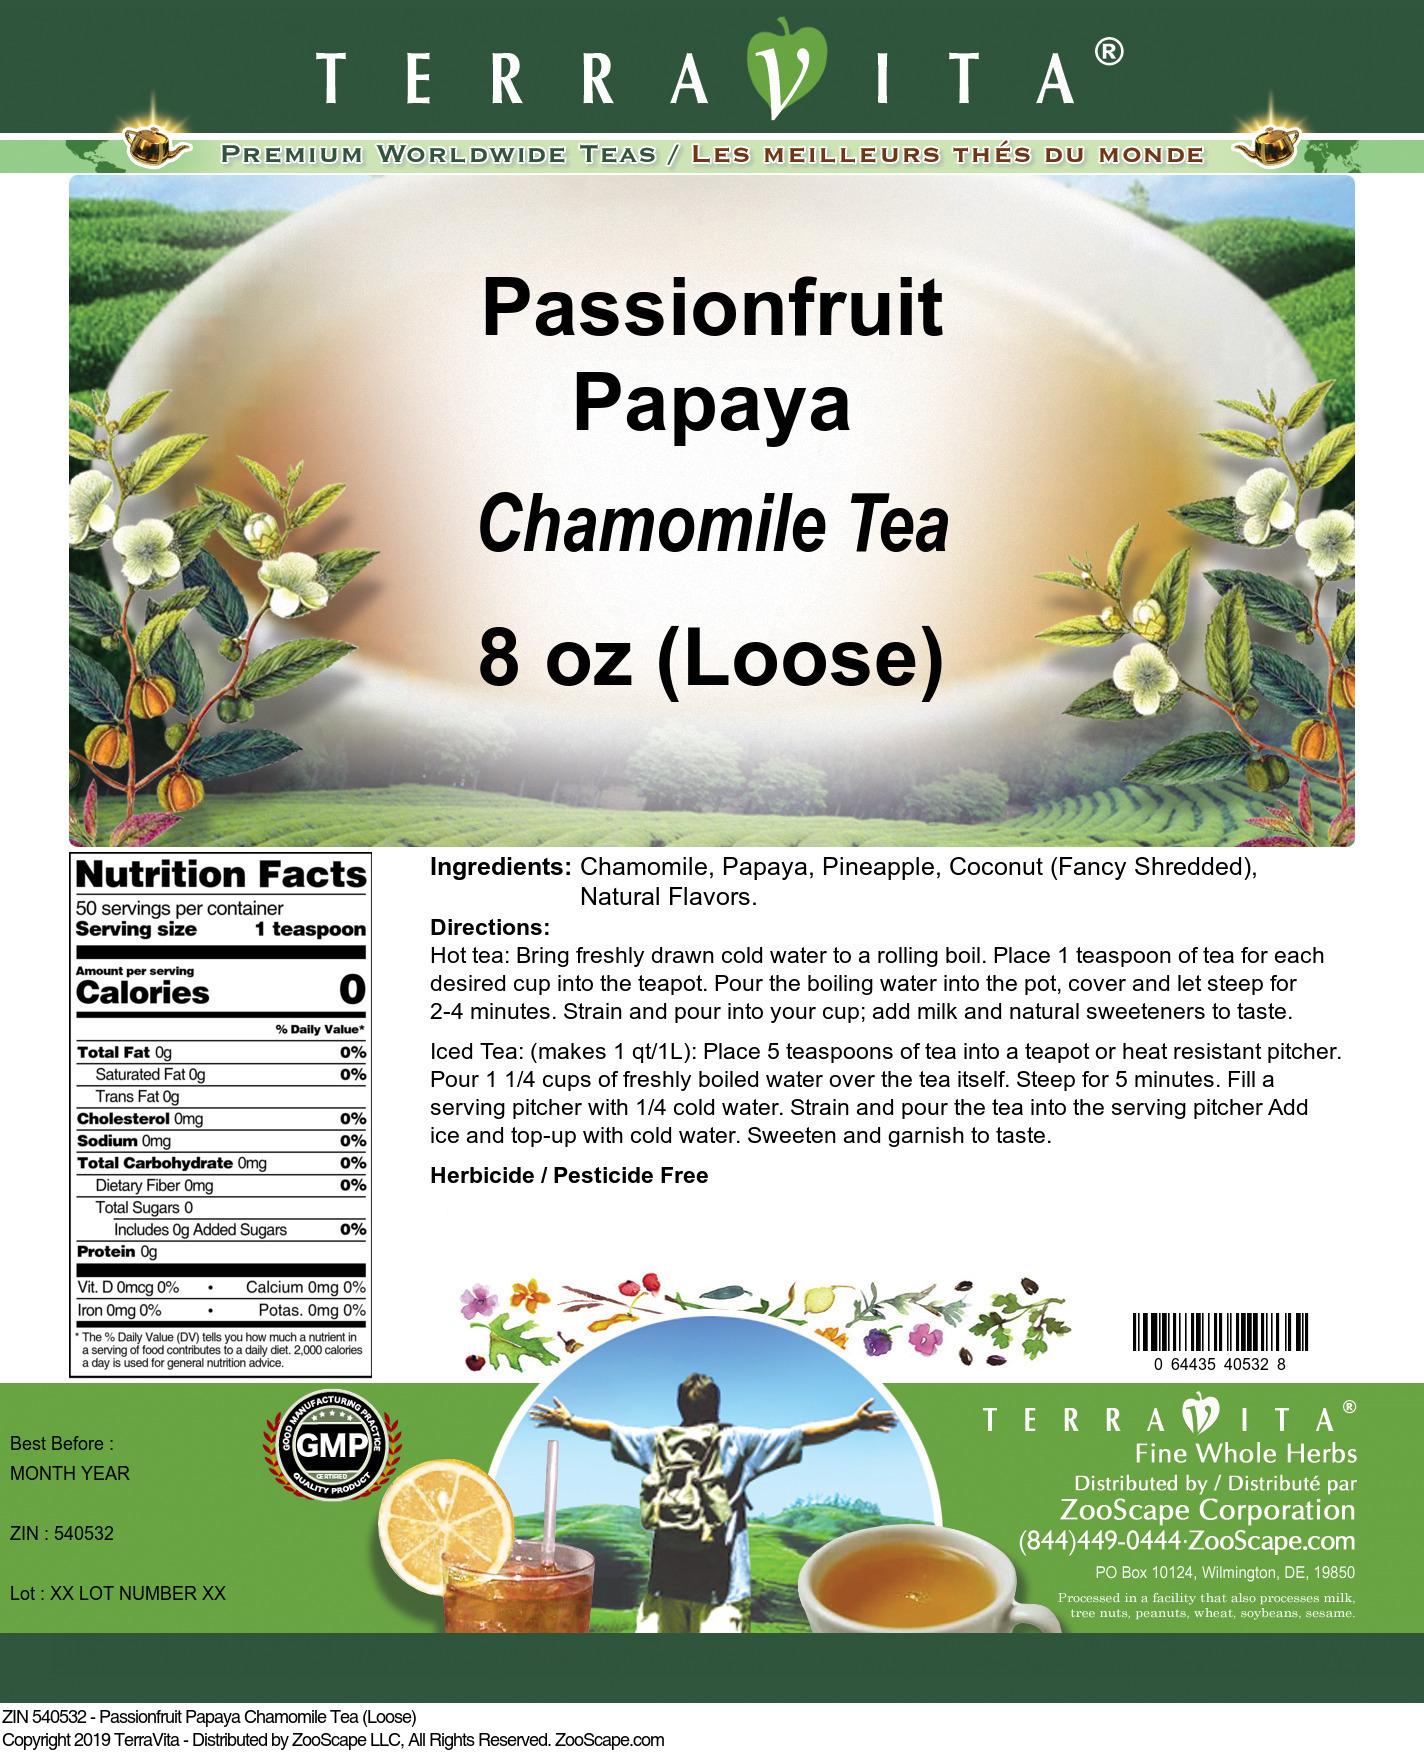 Passionfruit Papaya Chamomile Tea (Loose)